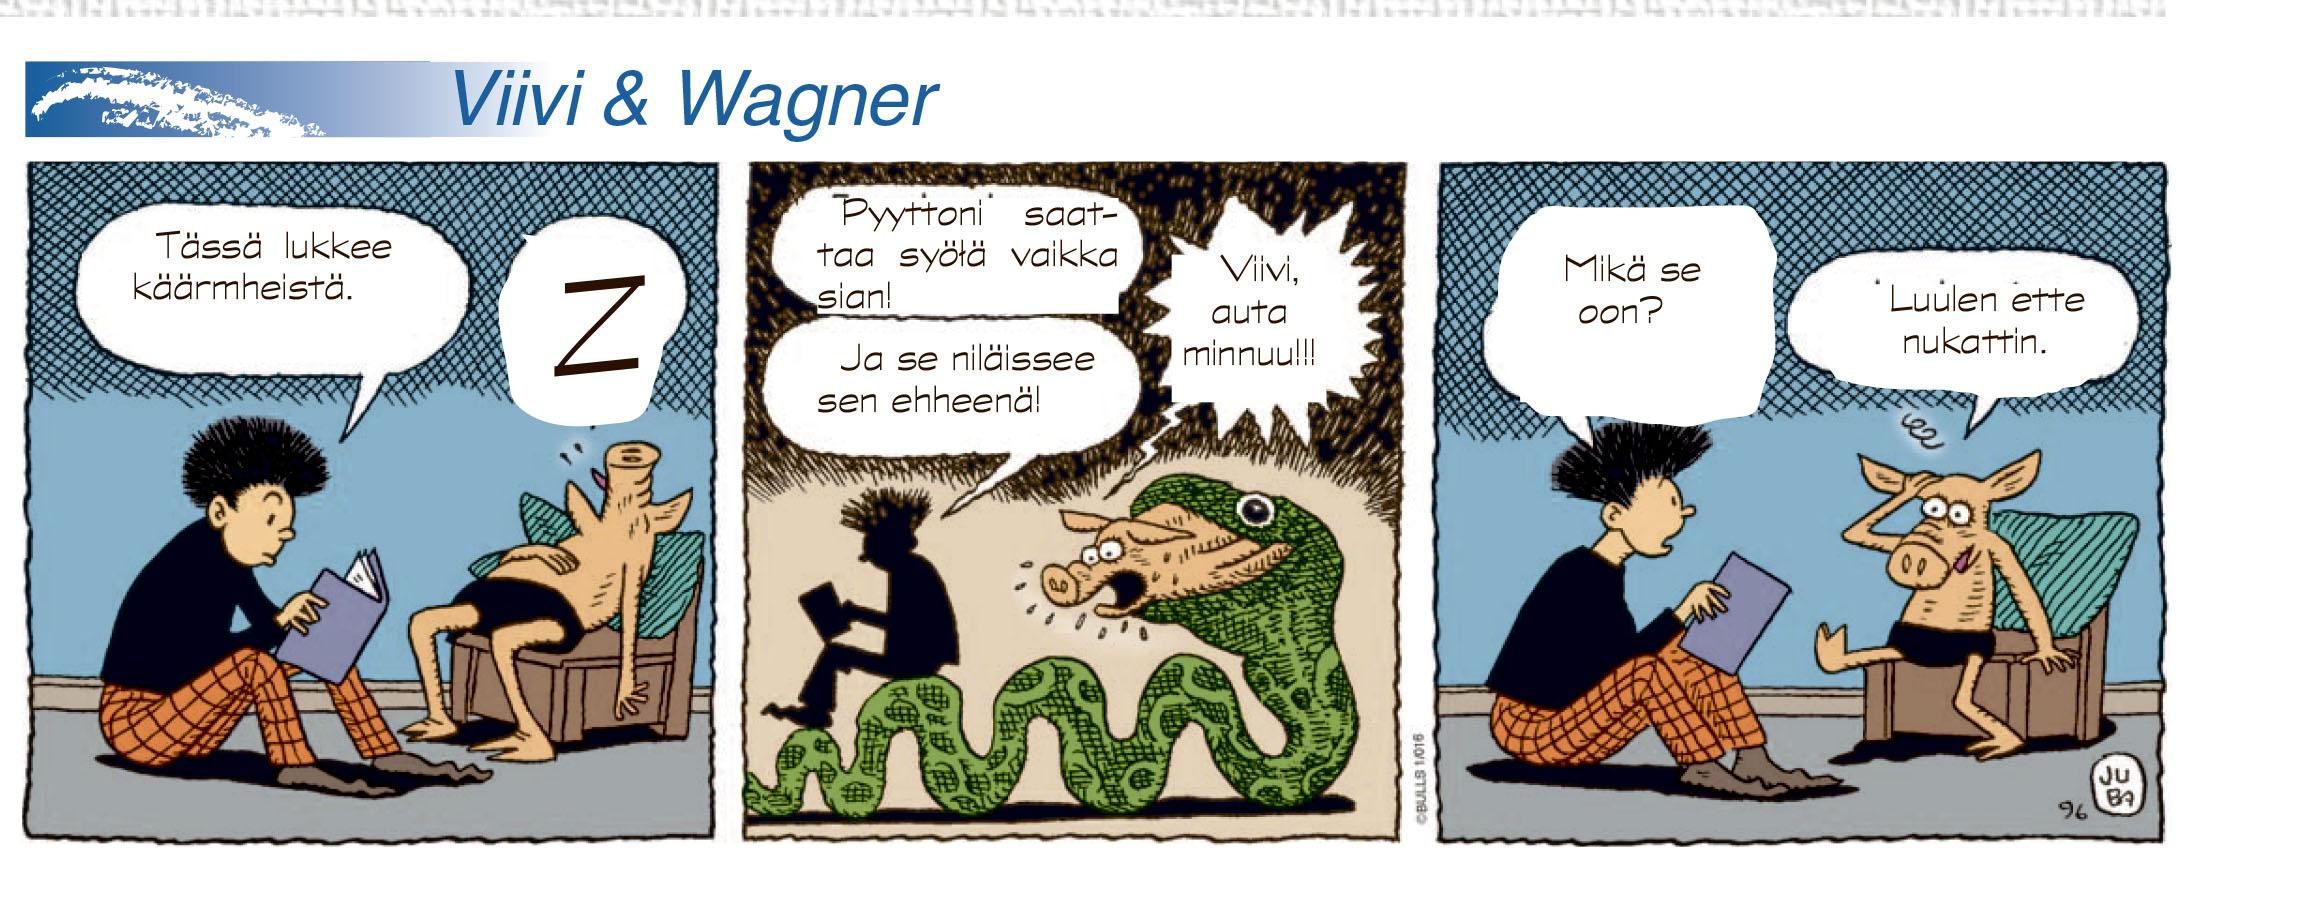 Viivi & Wagner (nr 6 -2013)